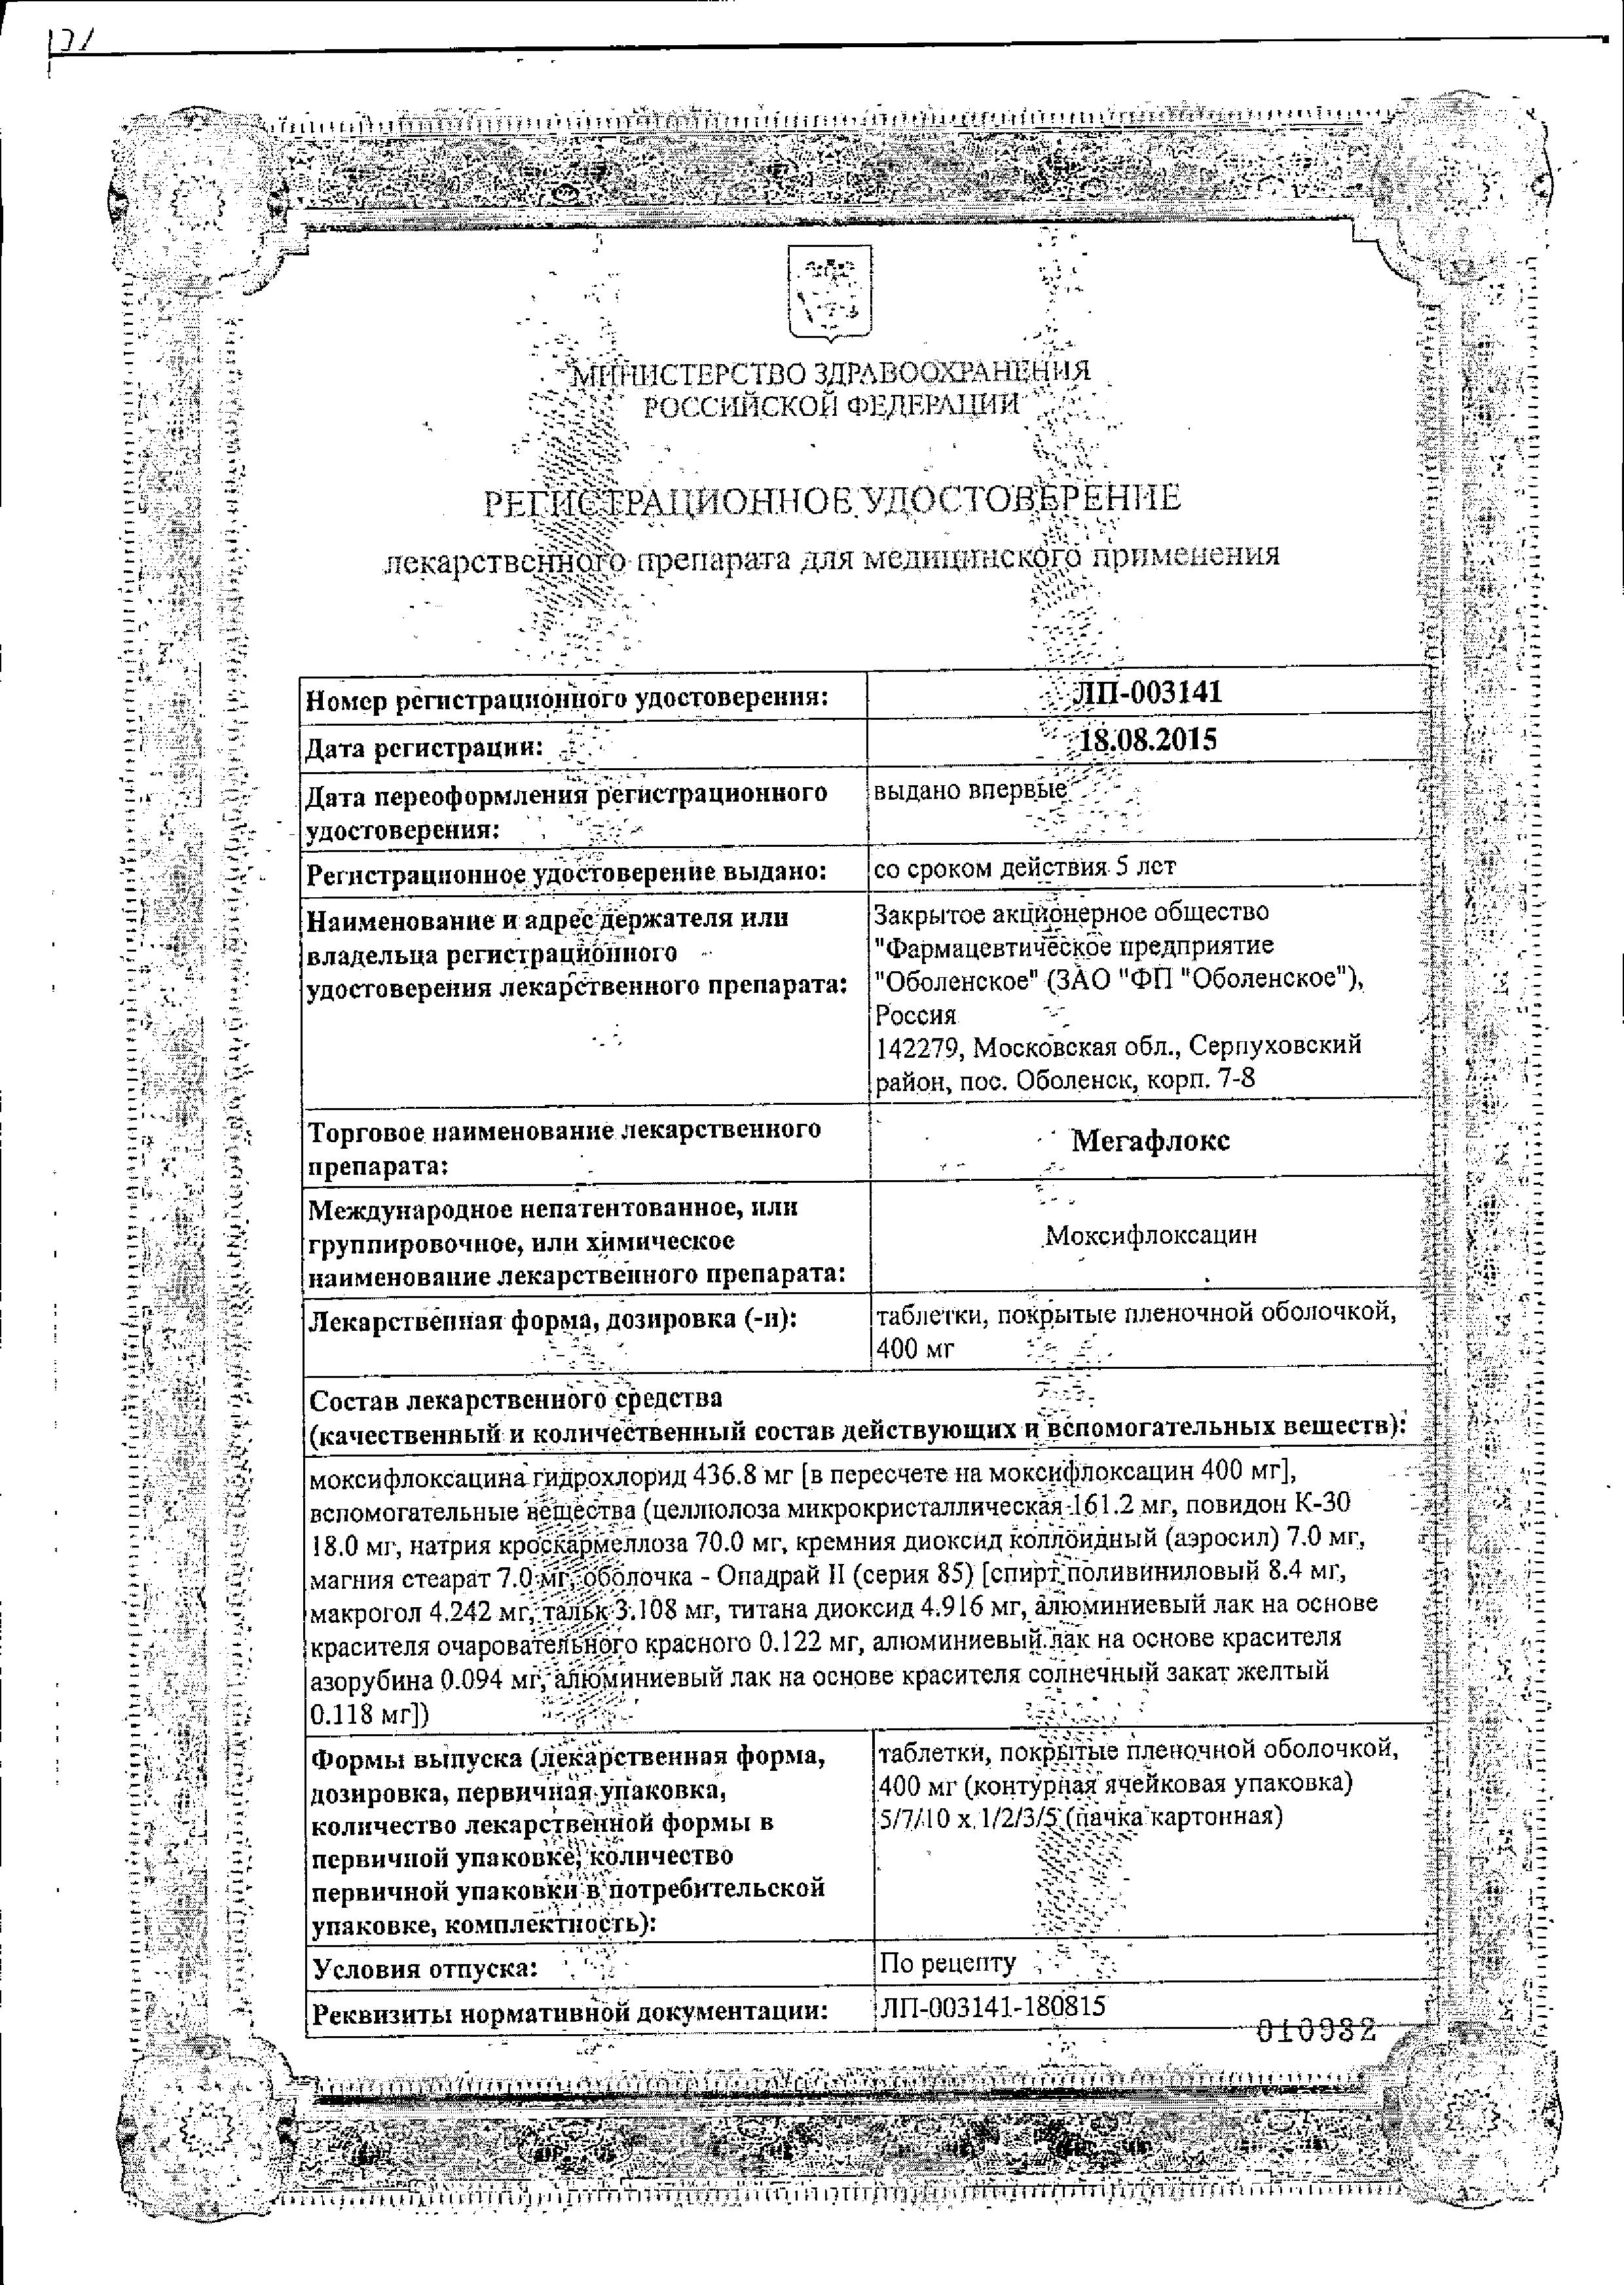 Мегафлокс сертификат